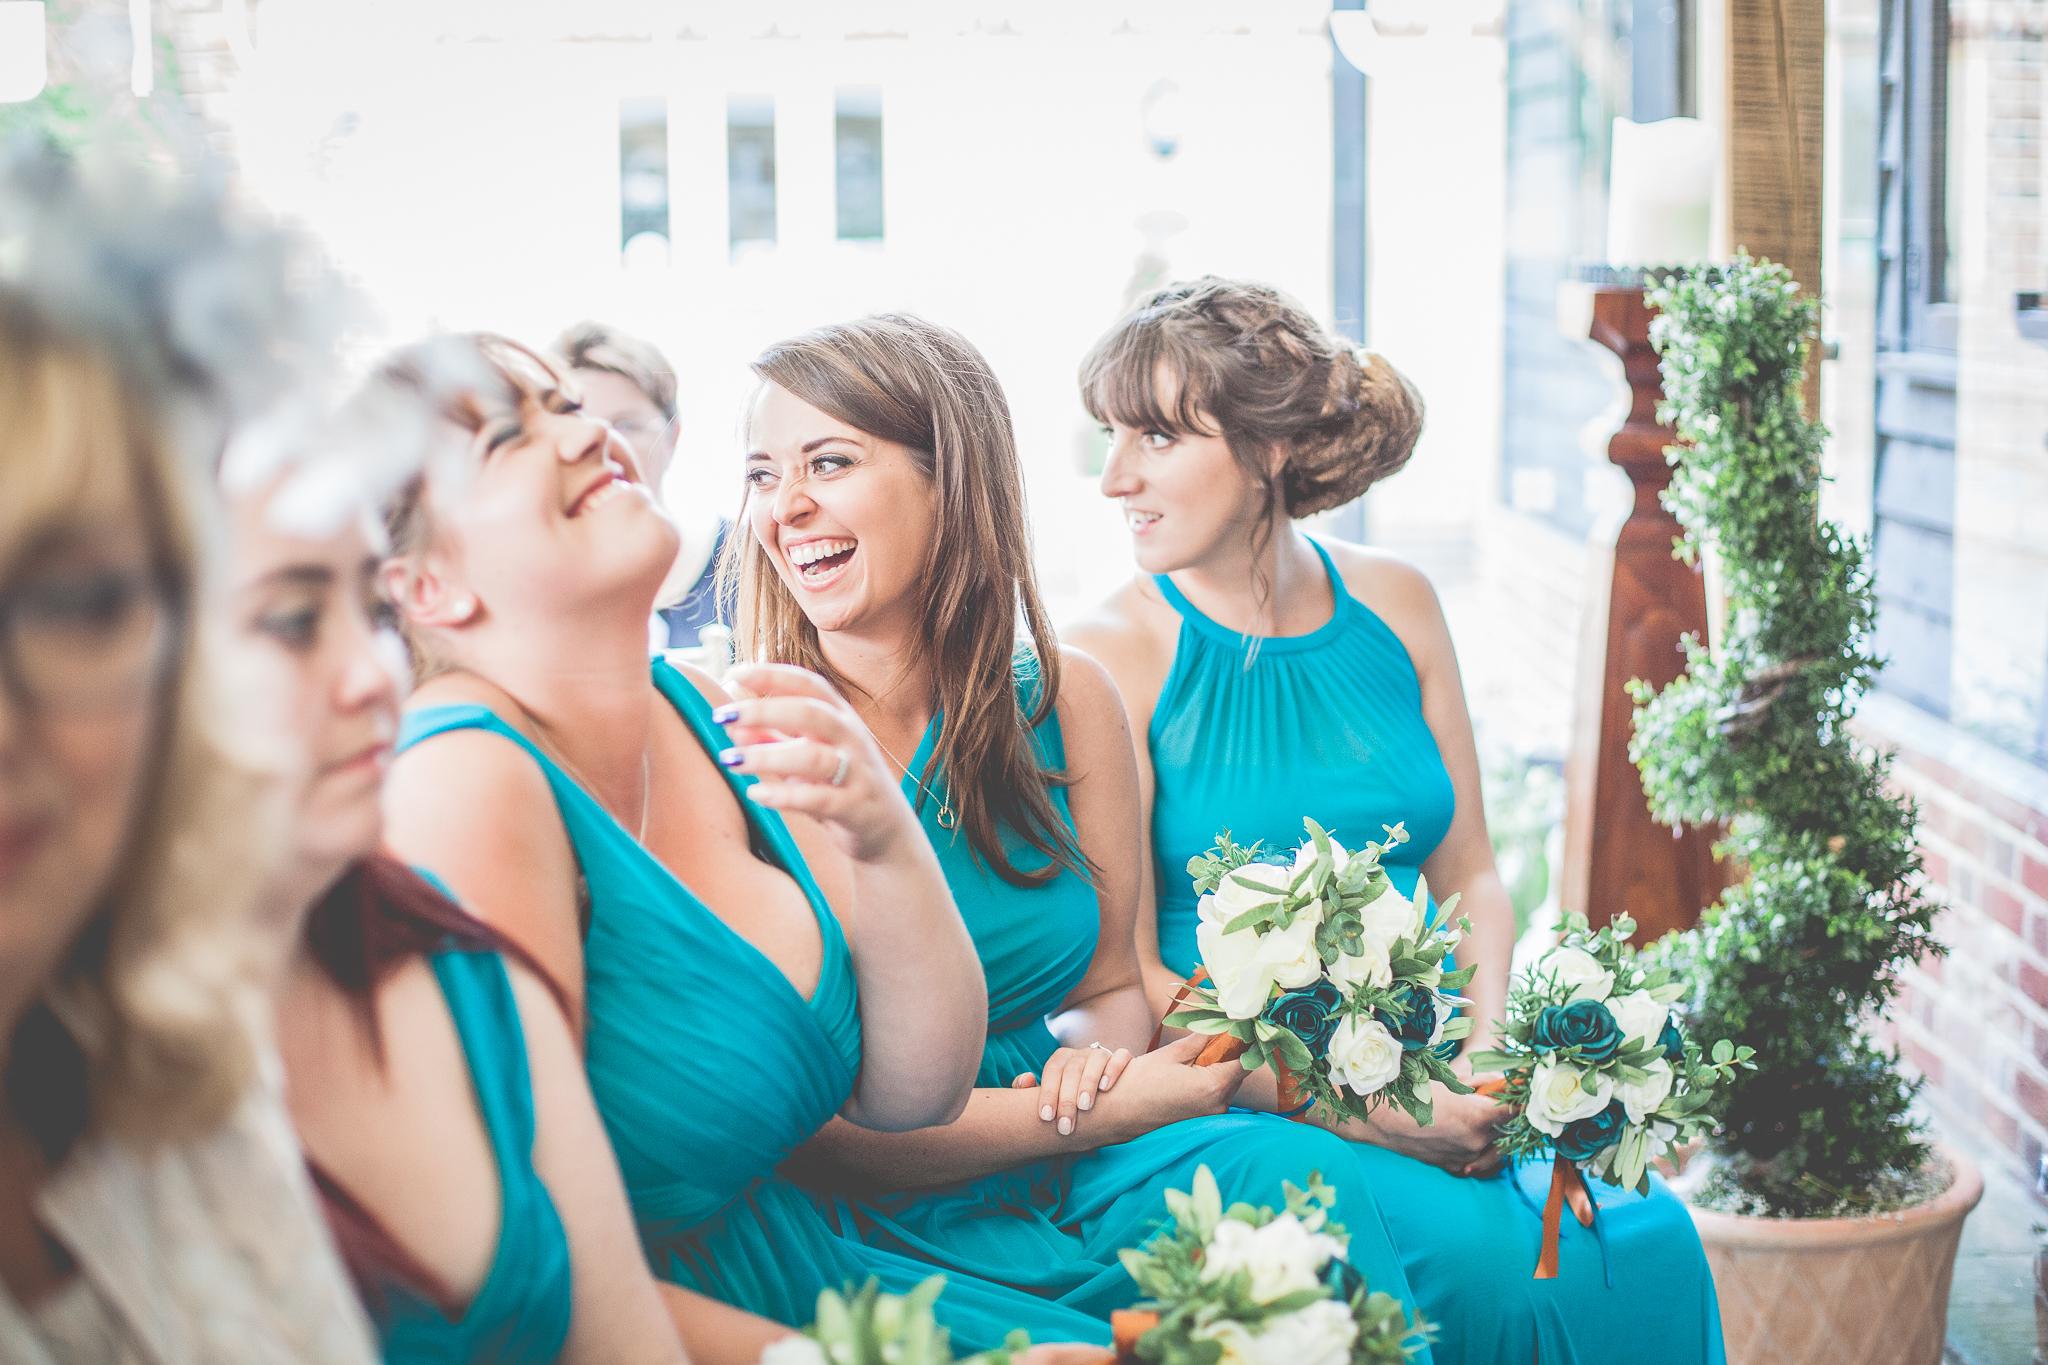 bedfordshireweddingphotography-108.jpg